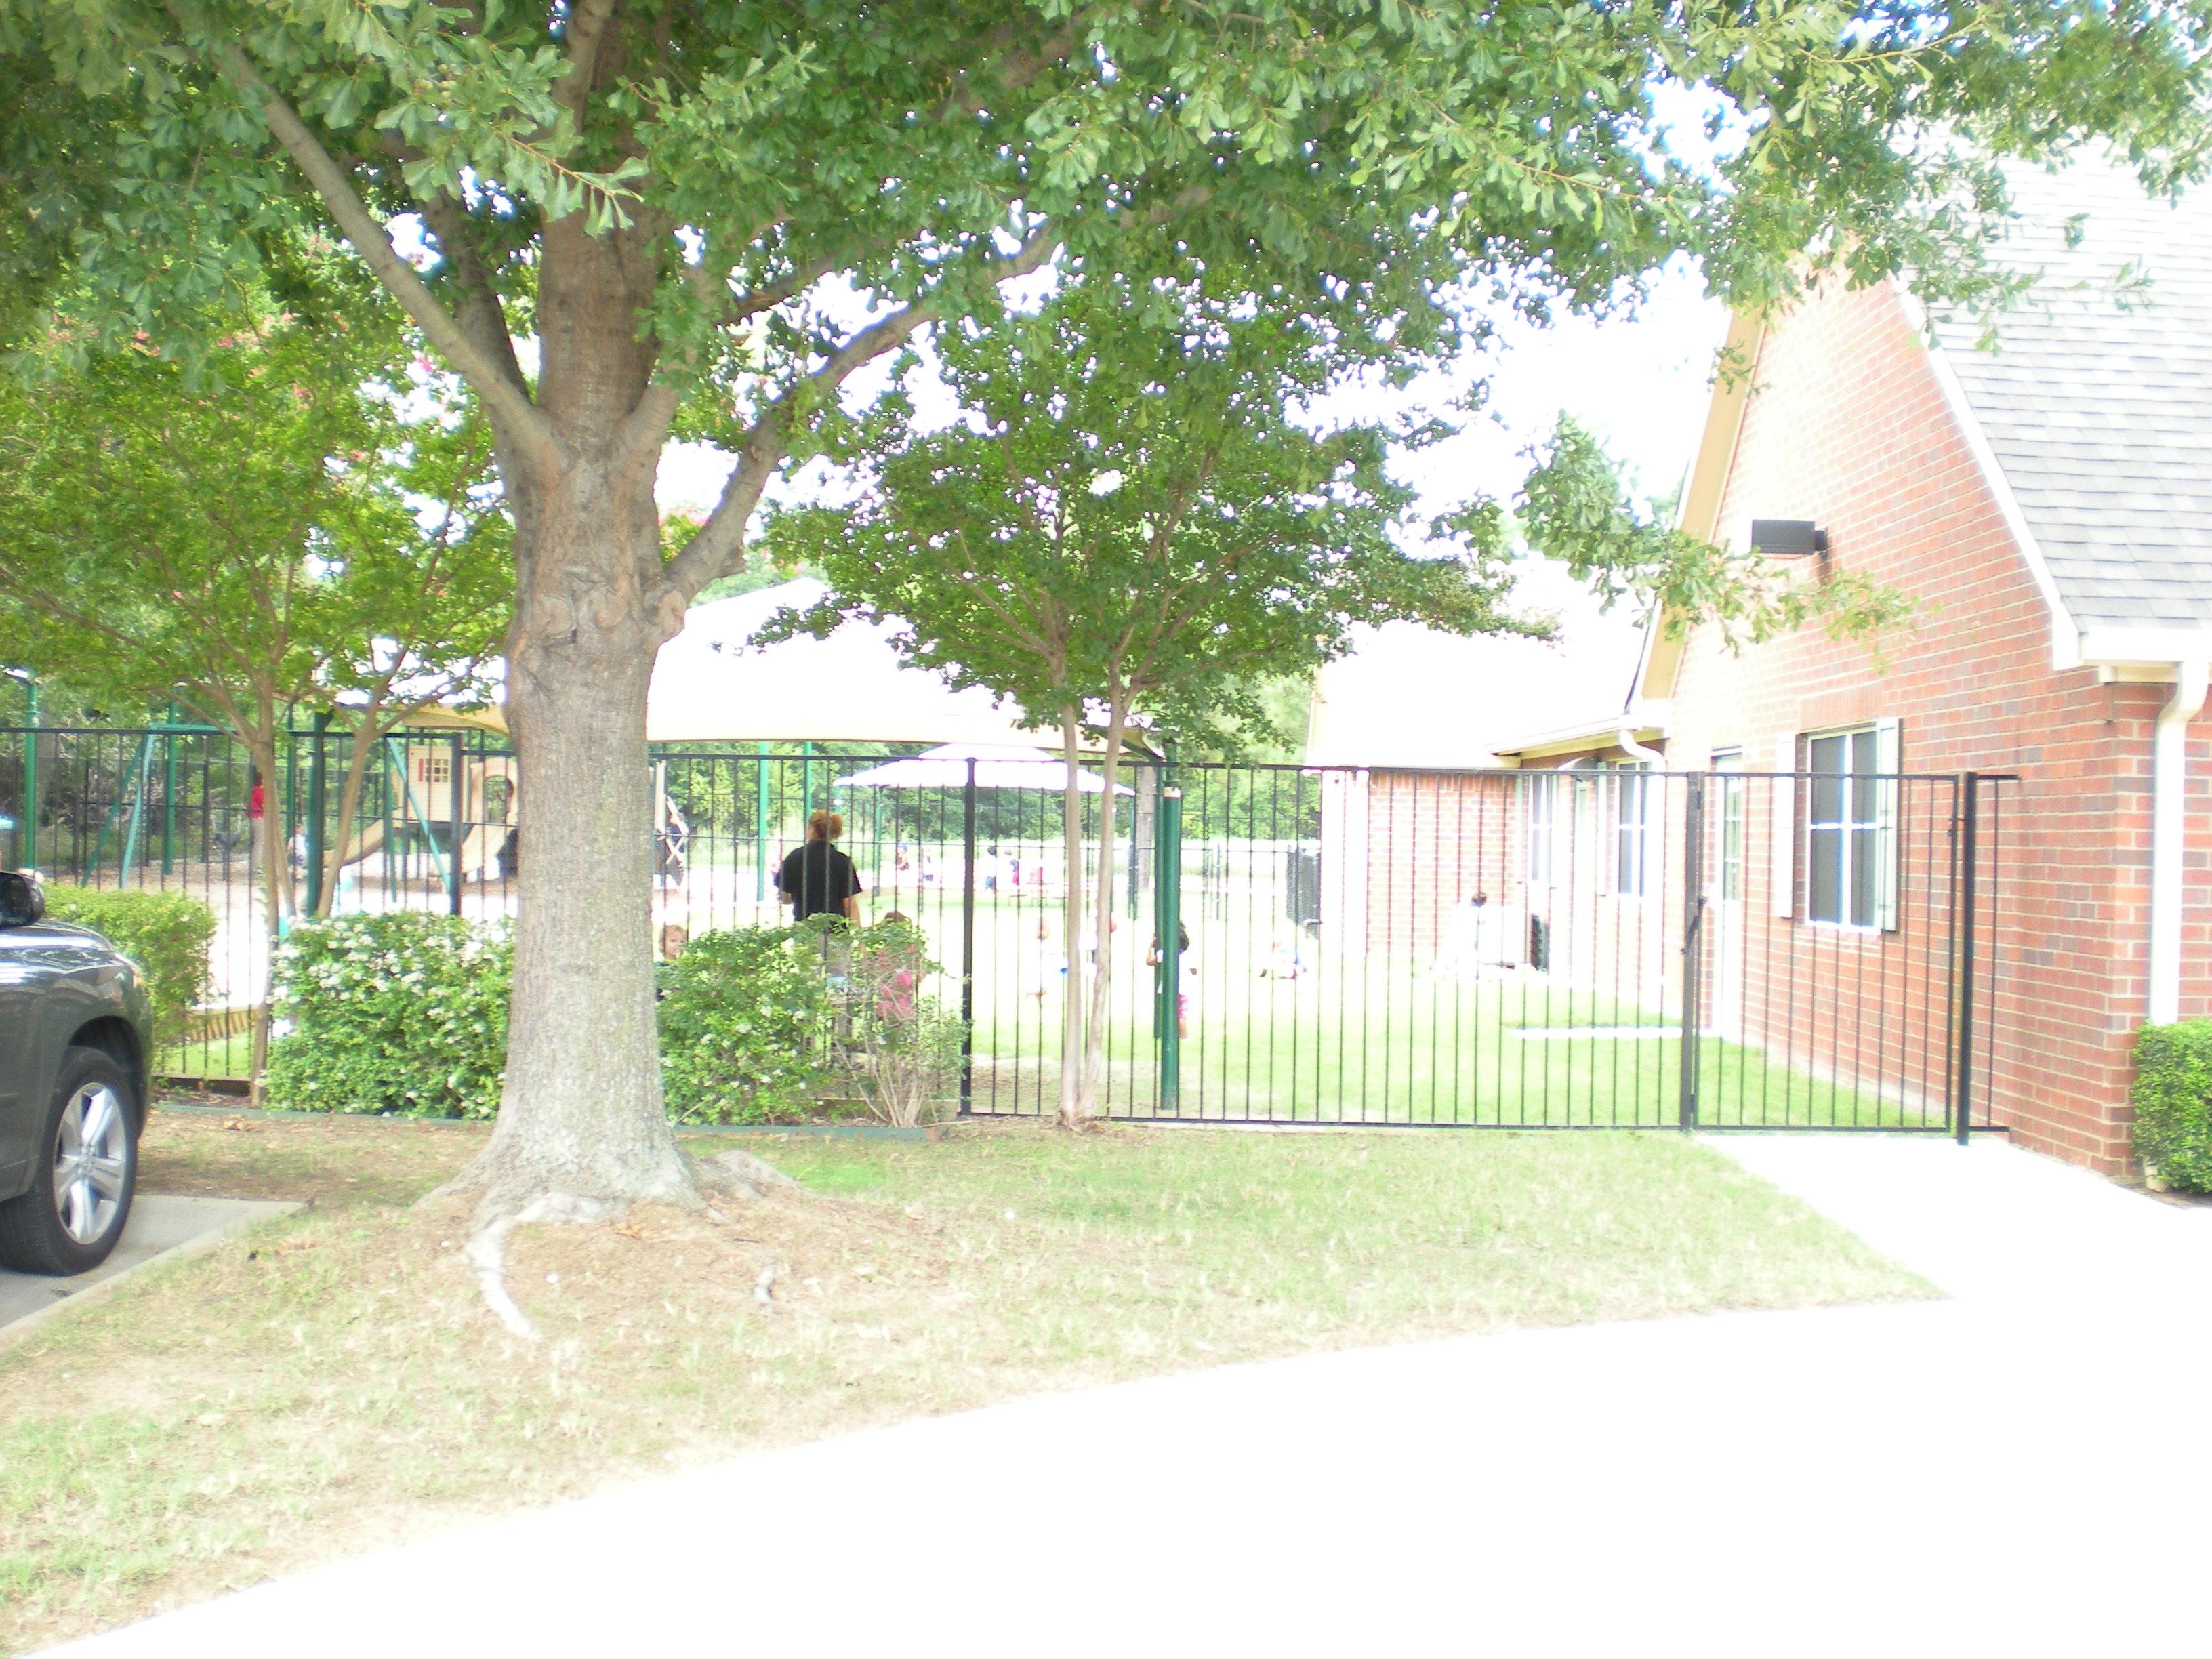 Primrose School of NE Flower Mound Flower Mound Texas LocalDatabase